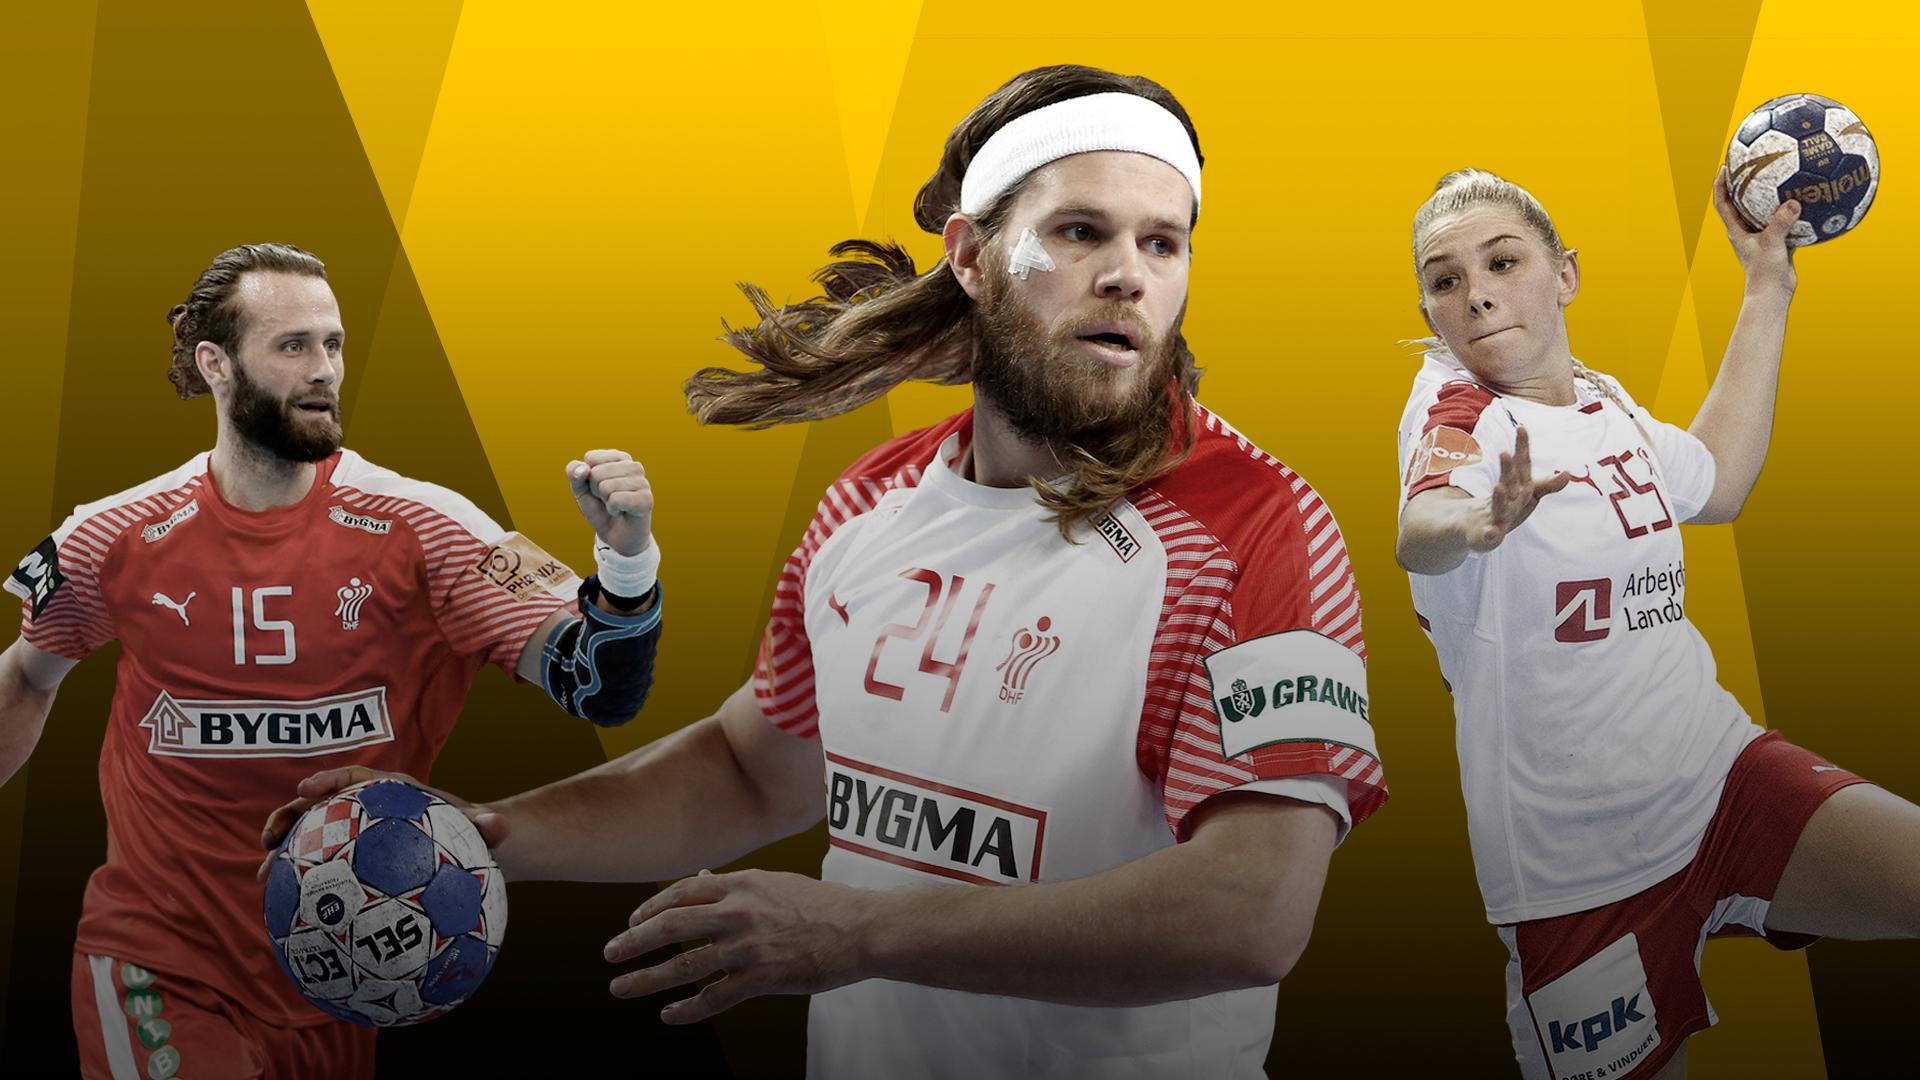 Håndbold på DR - Mikkel Hansen om VM og det at blive far